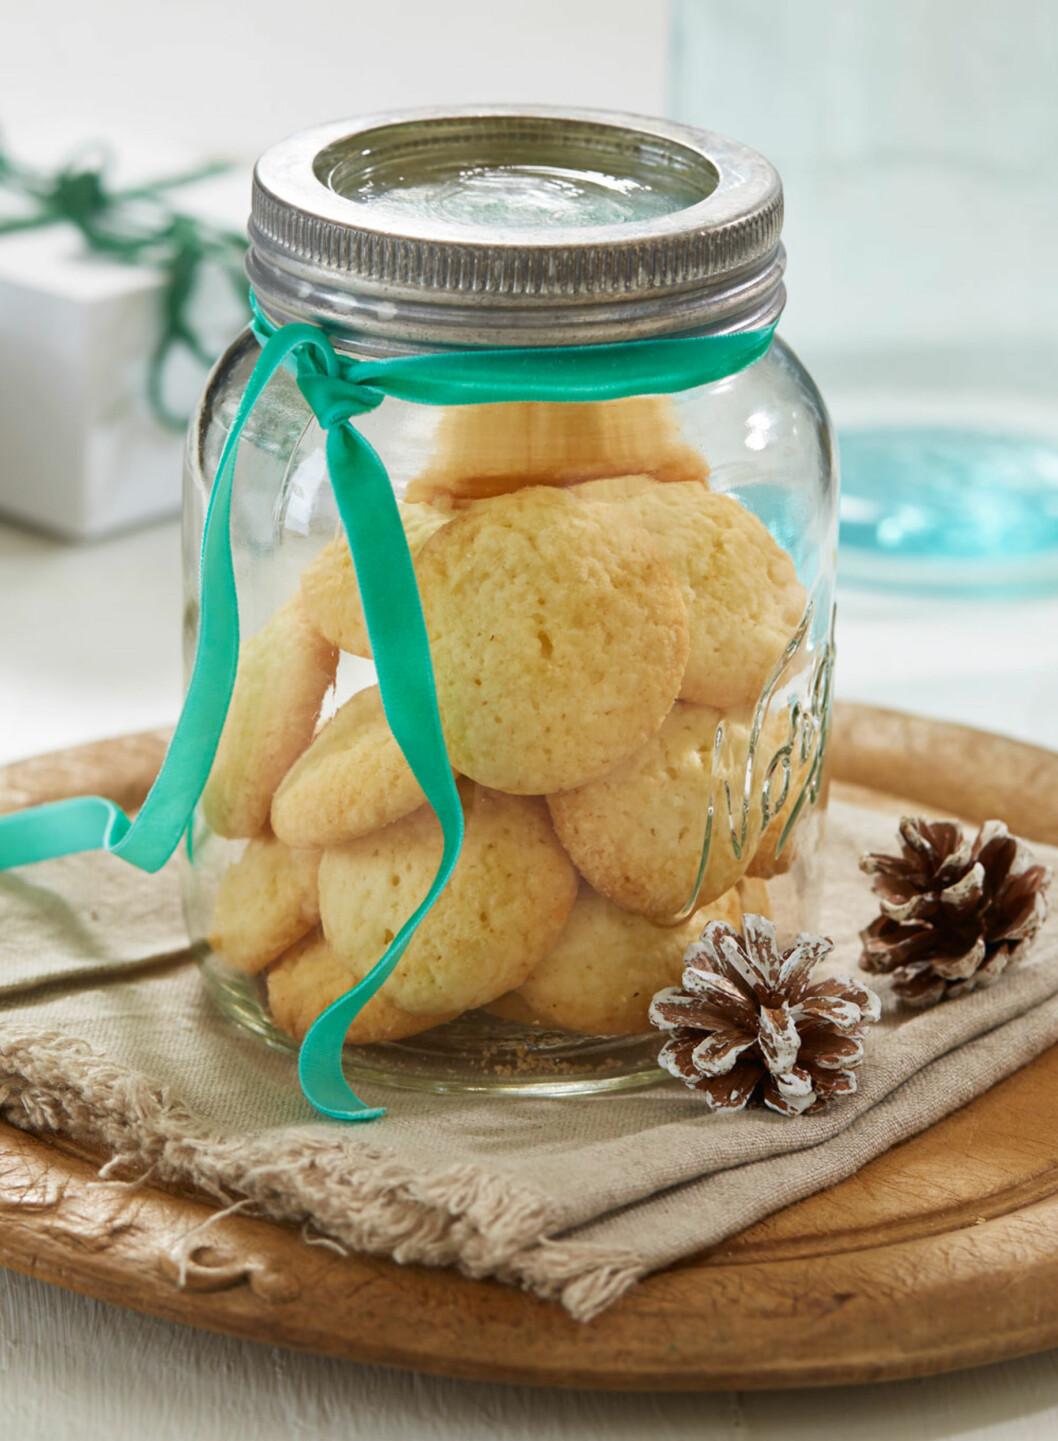 GLUTENFRIE SANDNØTTER: Sandnøtter smelter i munnen og har deilig smak av sitron. Foto: Synøve Dreyer